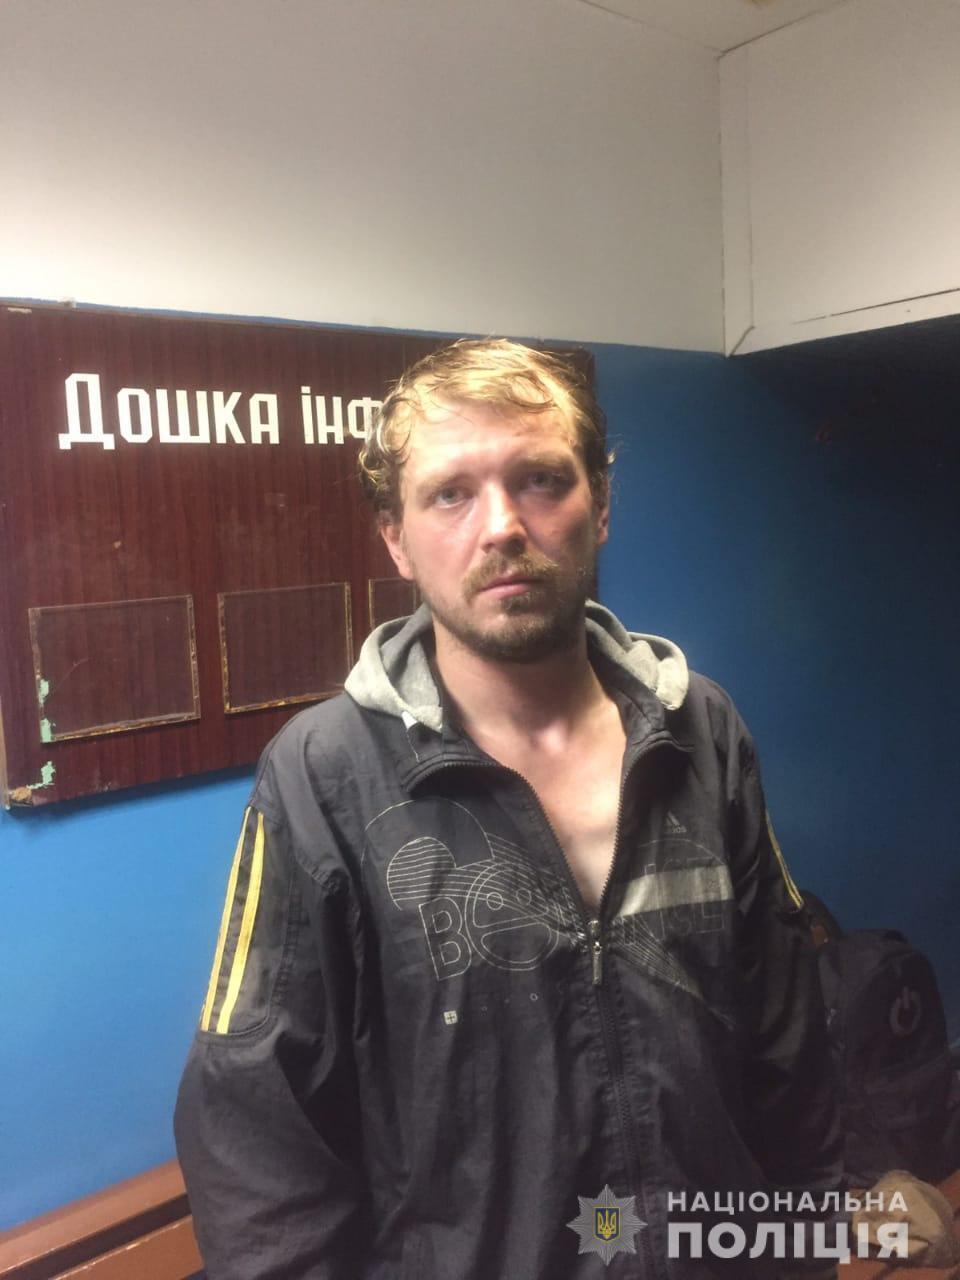 """На станції метро """"Майдан Незалежності"""" поліція звернула увагу на чоловіка, який дивно поводився"""